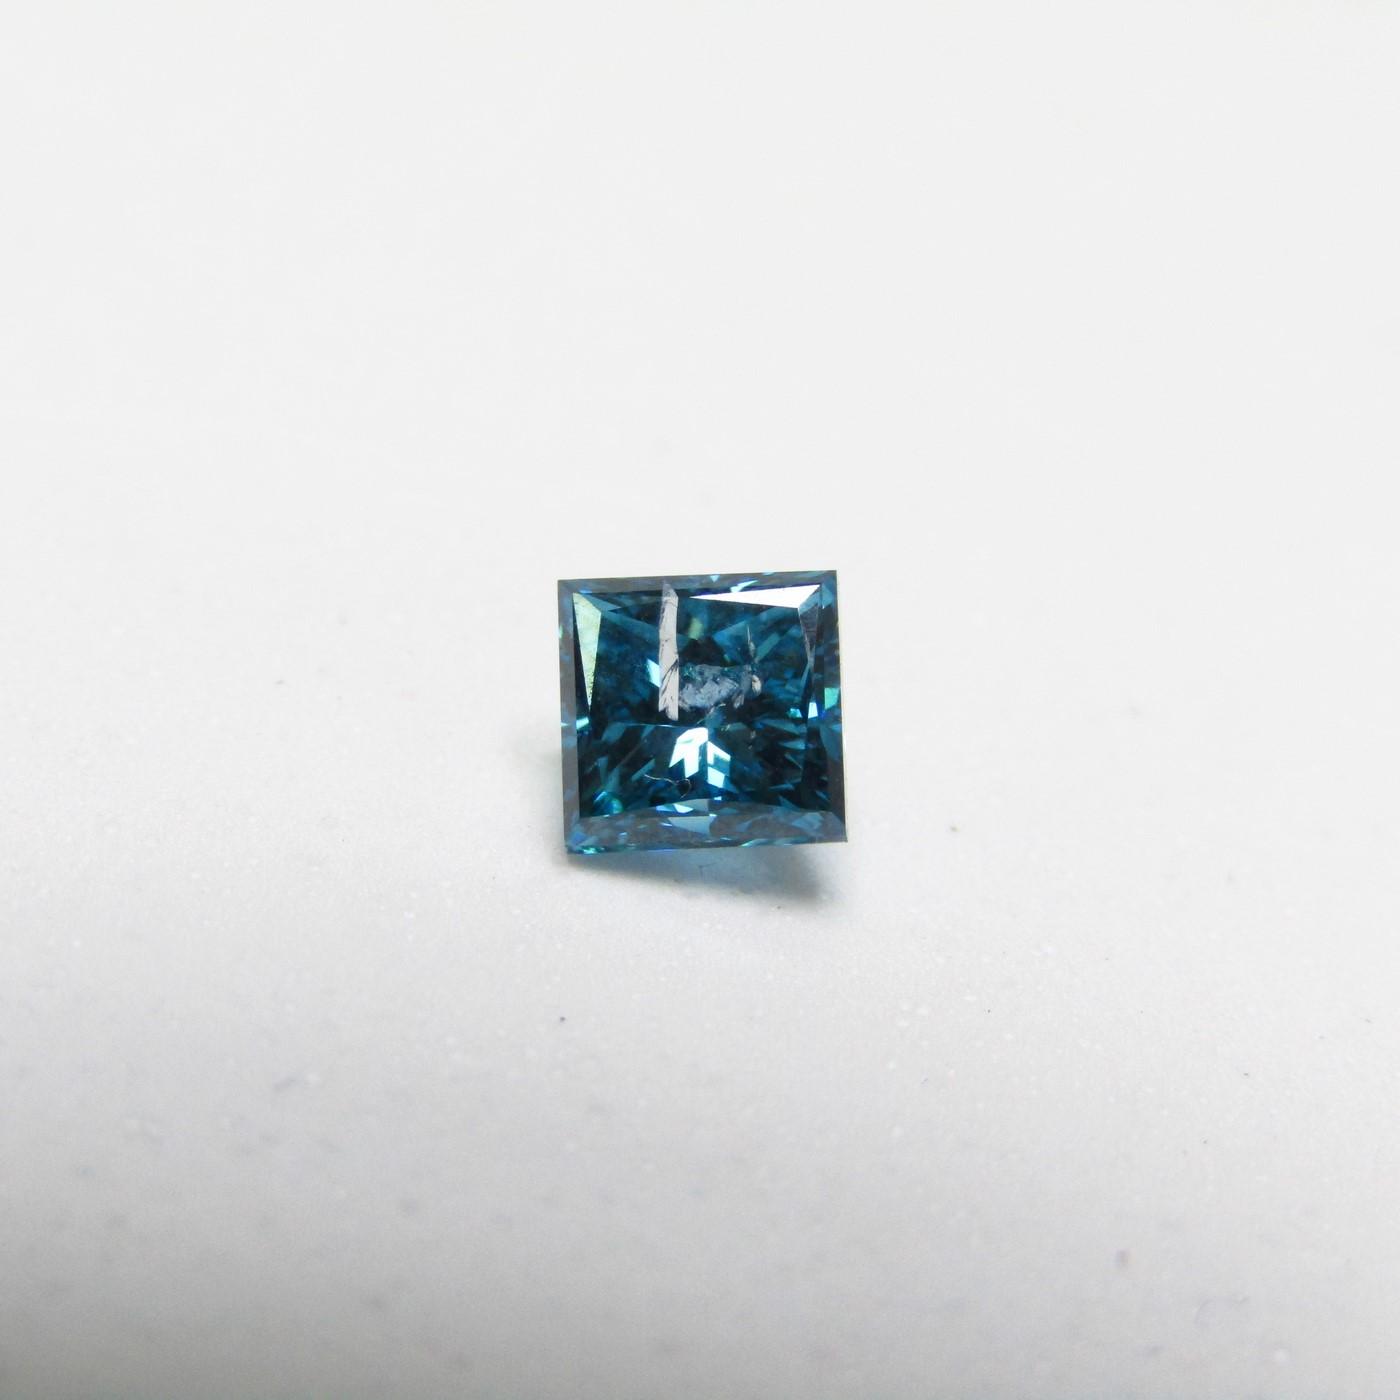 Diamante Natural de 0,87 ct. Talla: Princesa. Color: Fancy dark greenish blue. Pureza: P2. Tratado. Certificado IGE.